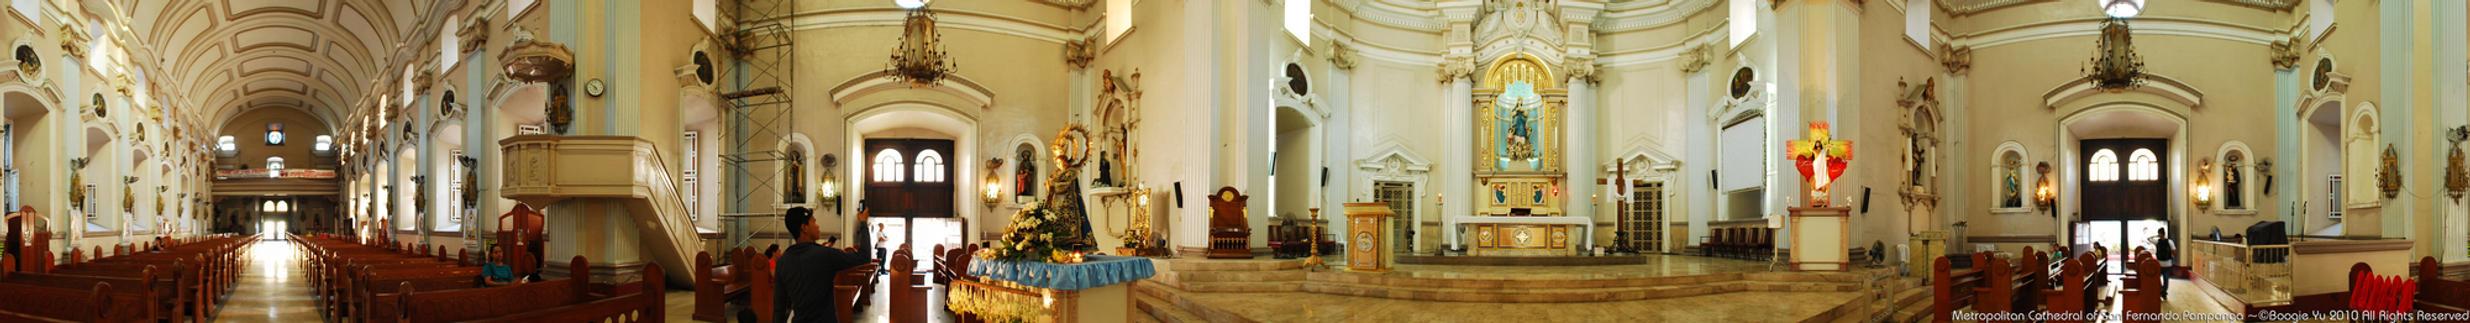 Metropolitan Cathedral by bogskiii